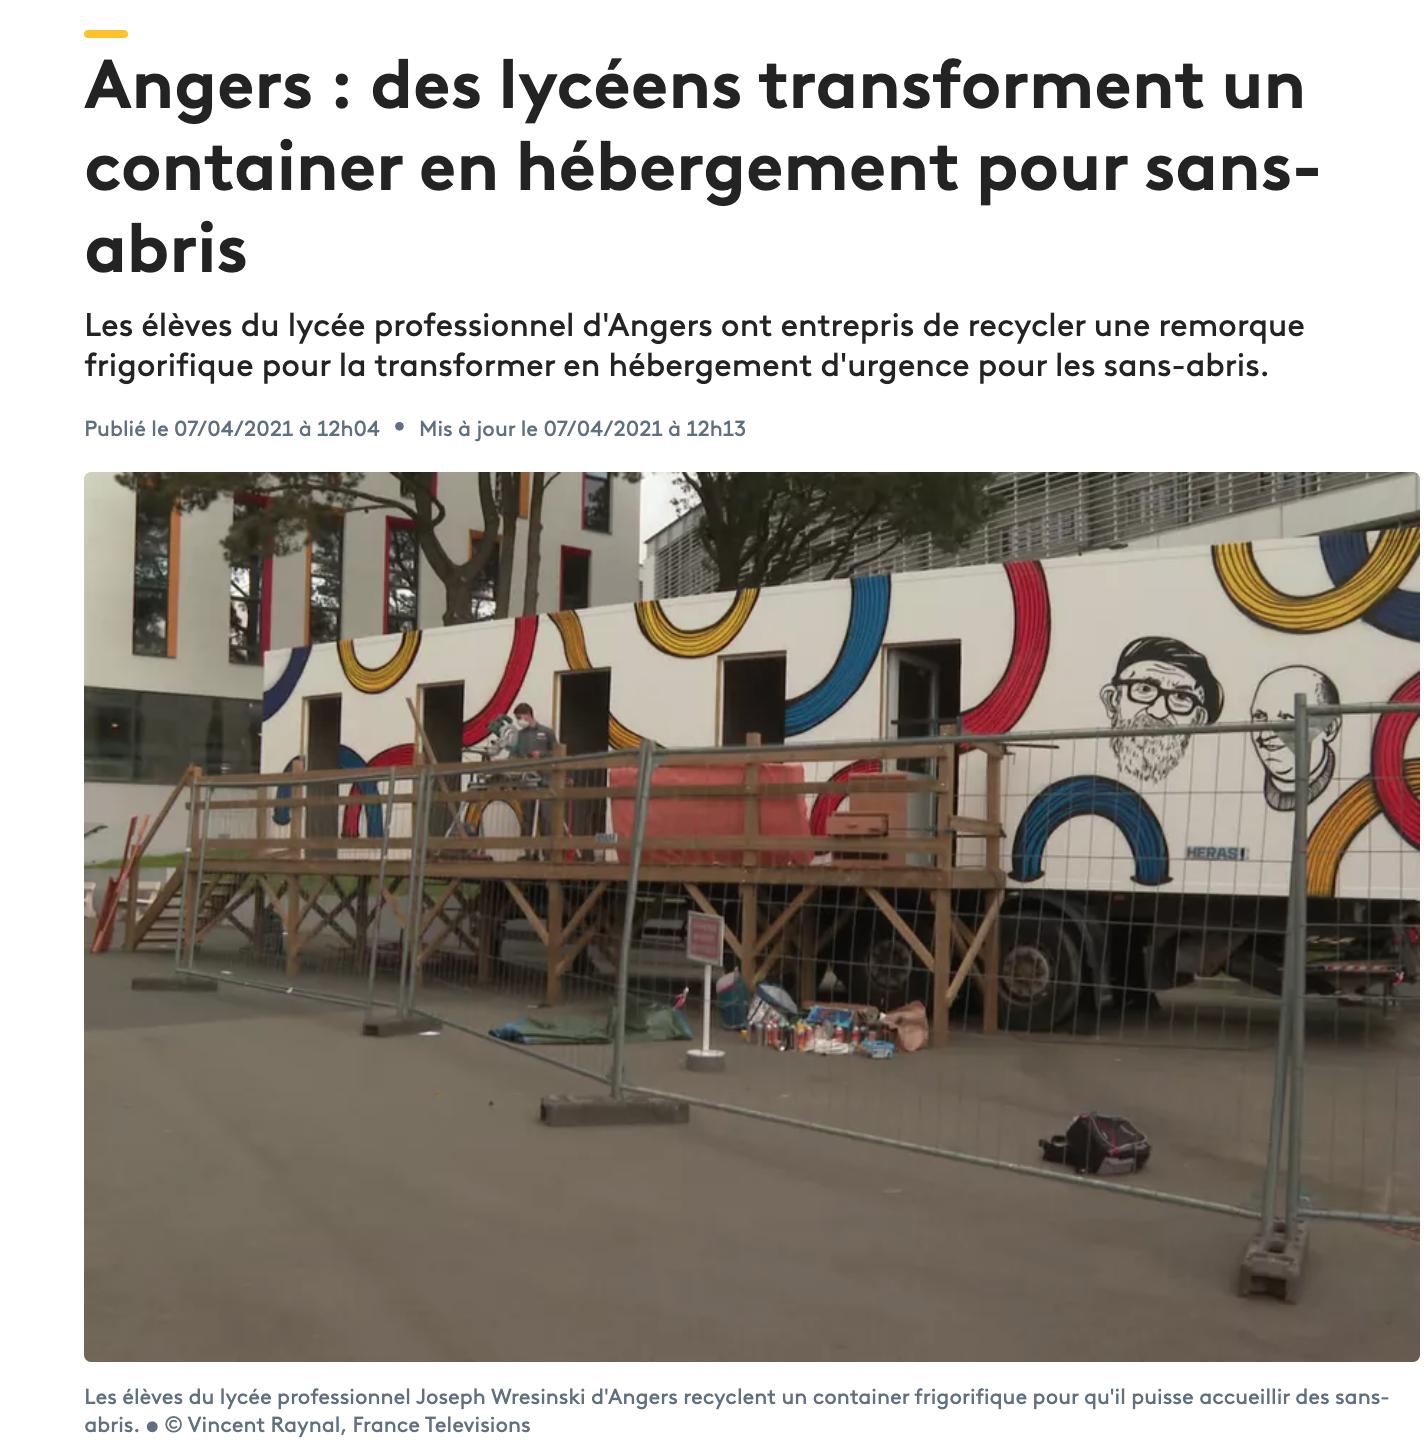 Angers : des lycéens transforment un container en hébergement pour sans-abris